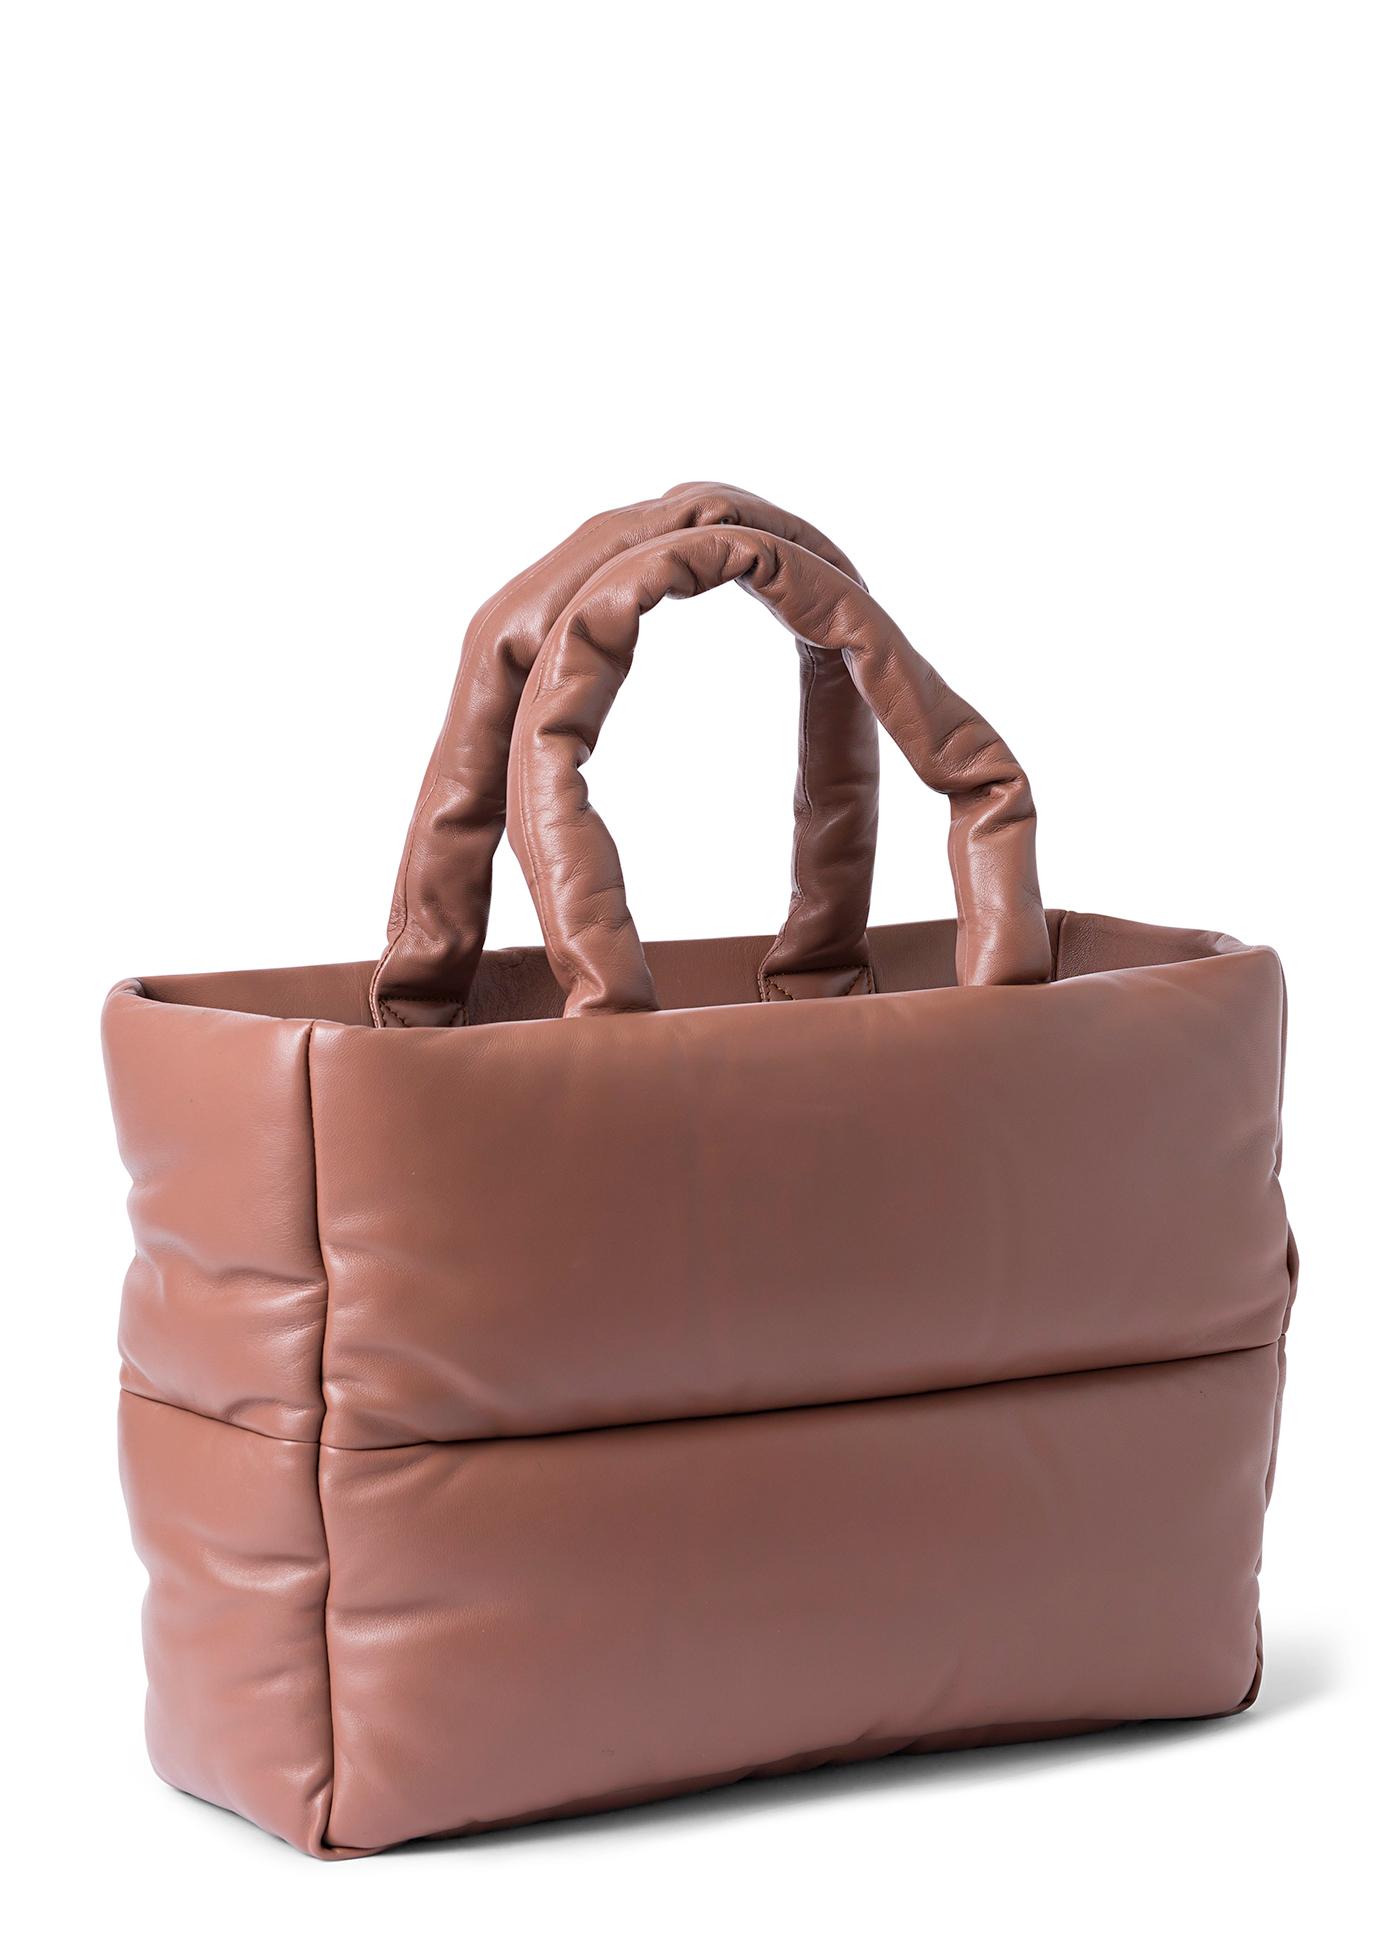 Dafne Leather Bag image number 1